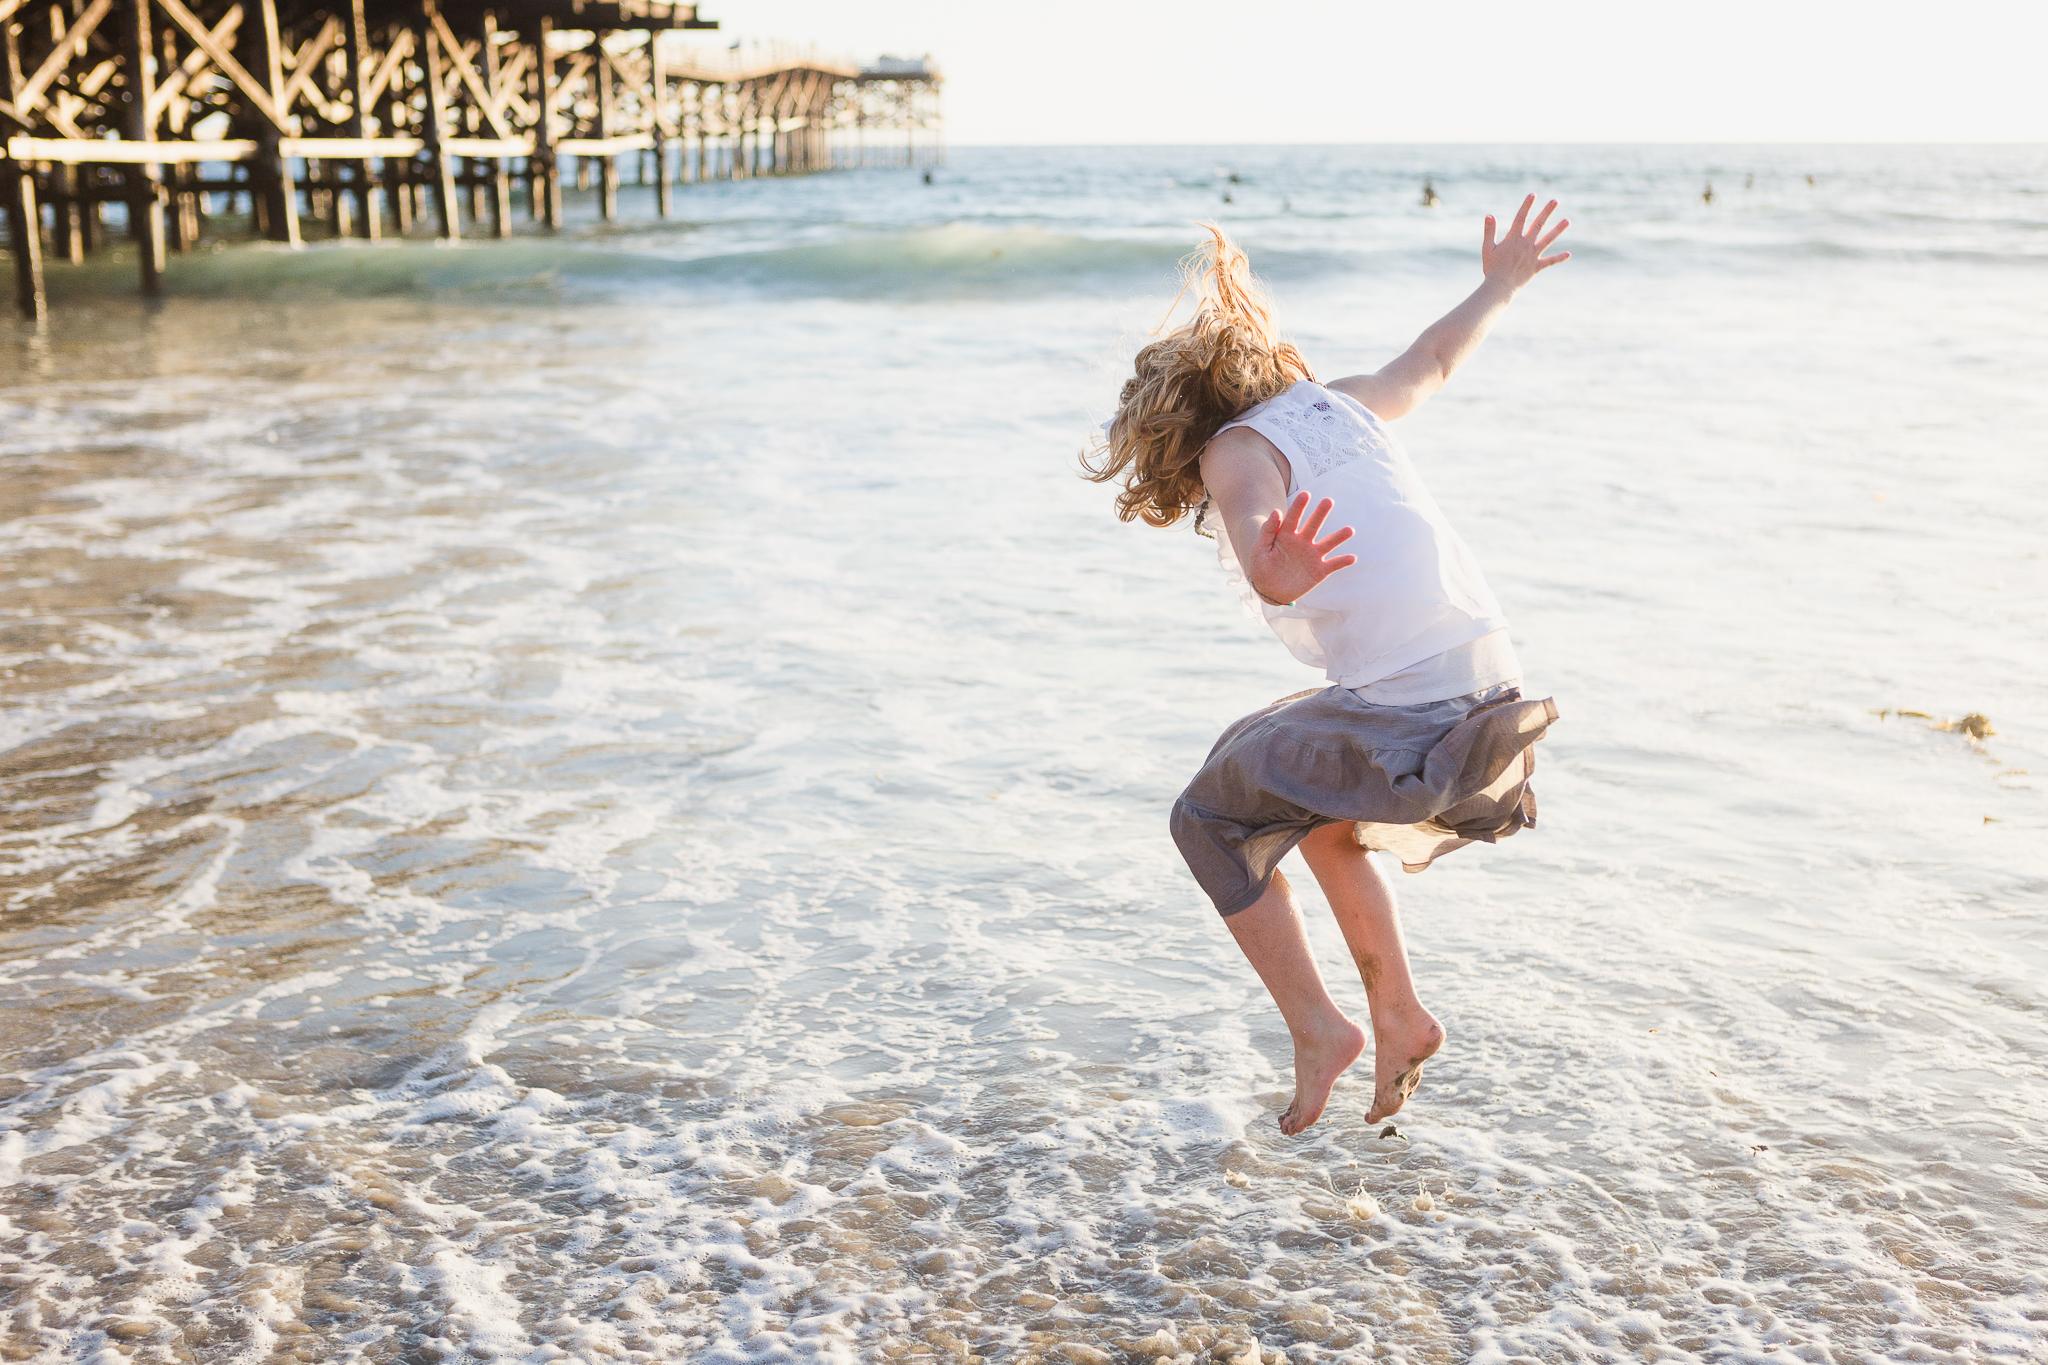 San-Diego-Photographer-Vacationing-Christine-Dammann-WS-GF-13.jpg